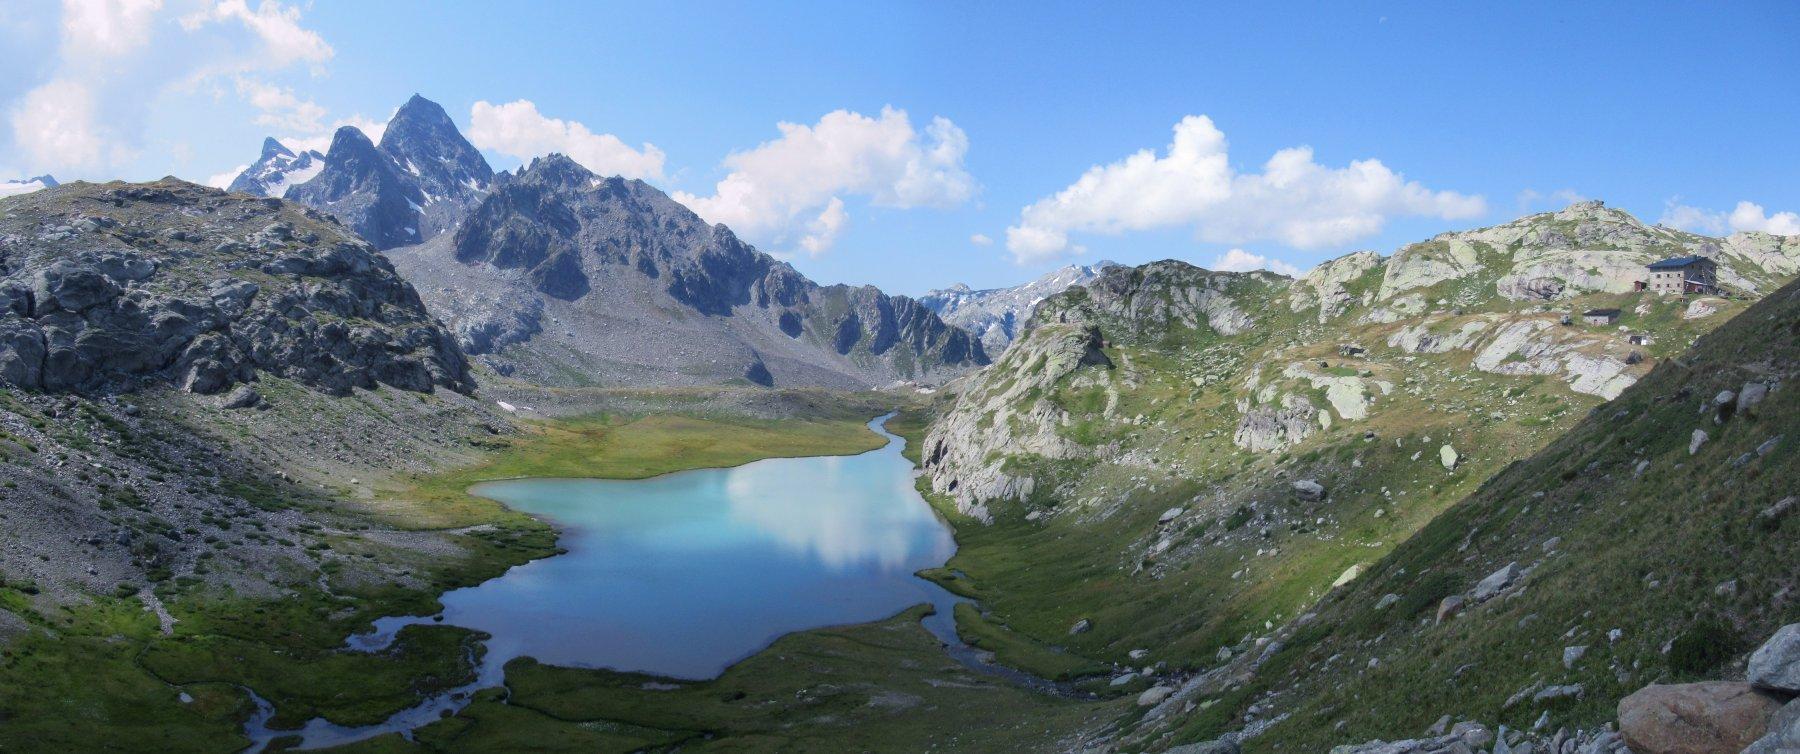 Lago Inferiore e Rifugio Deffeyes